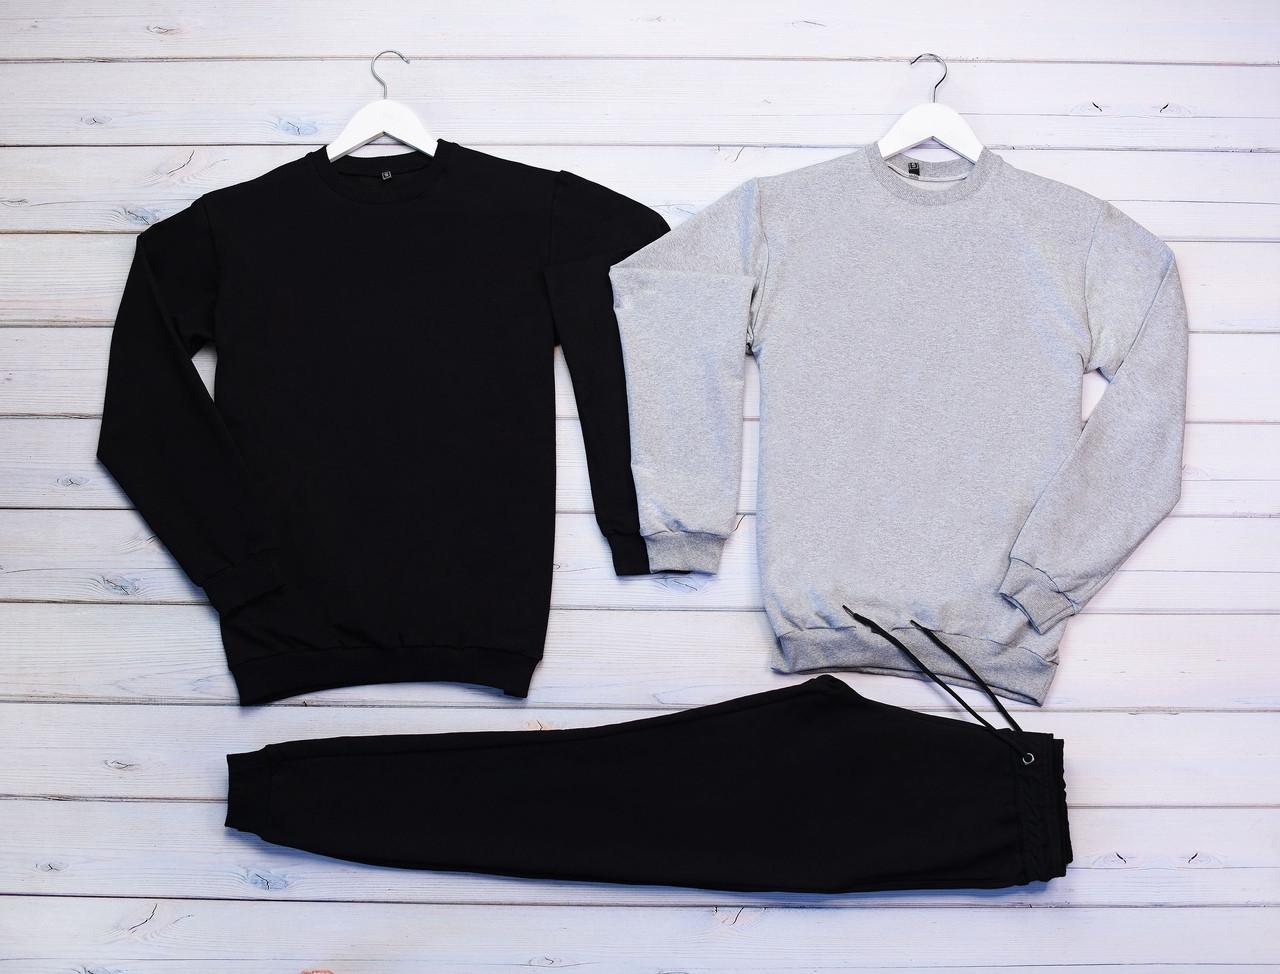 Mужской черный спортивный костюм без капюшона демисезонный. Свитшот 2шт+ штаны осень/весна Комплектом дешевле